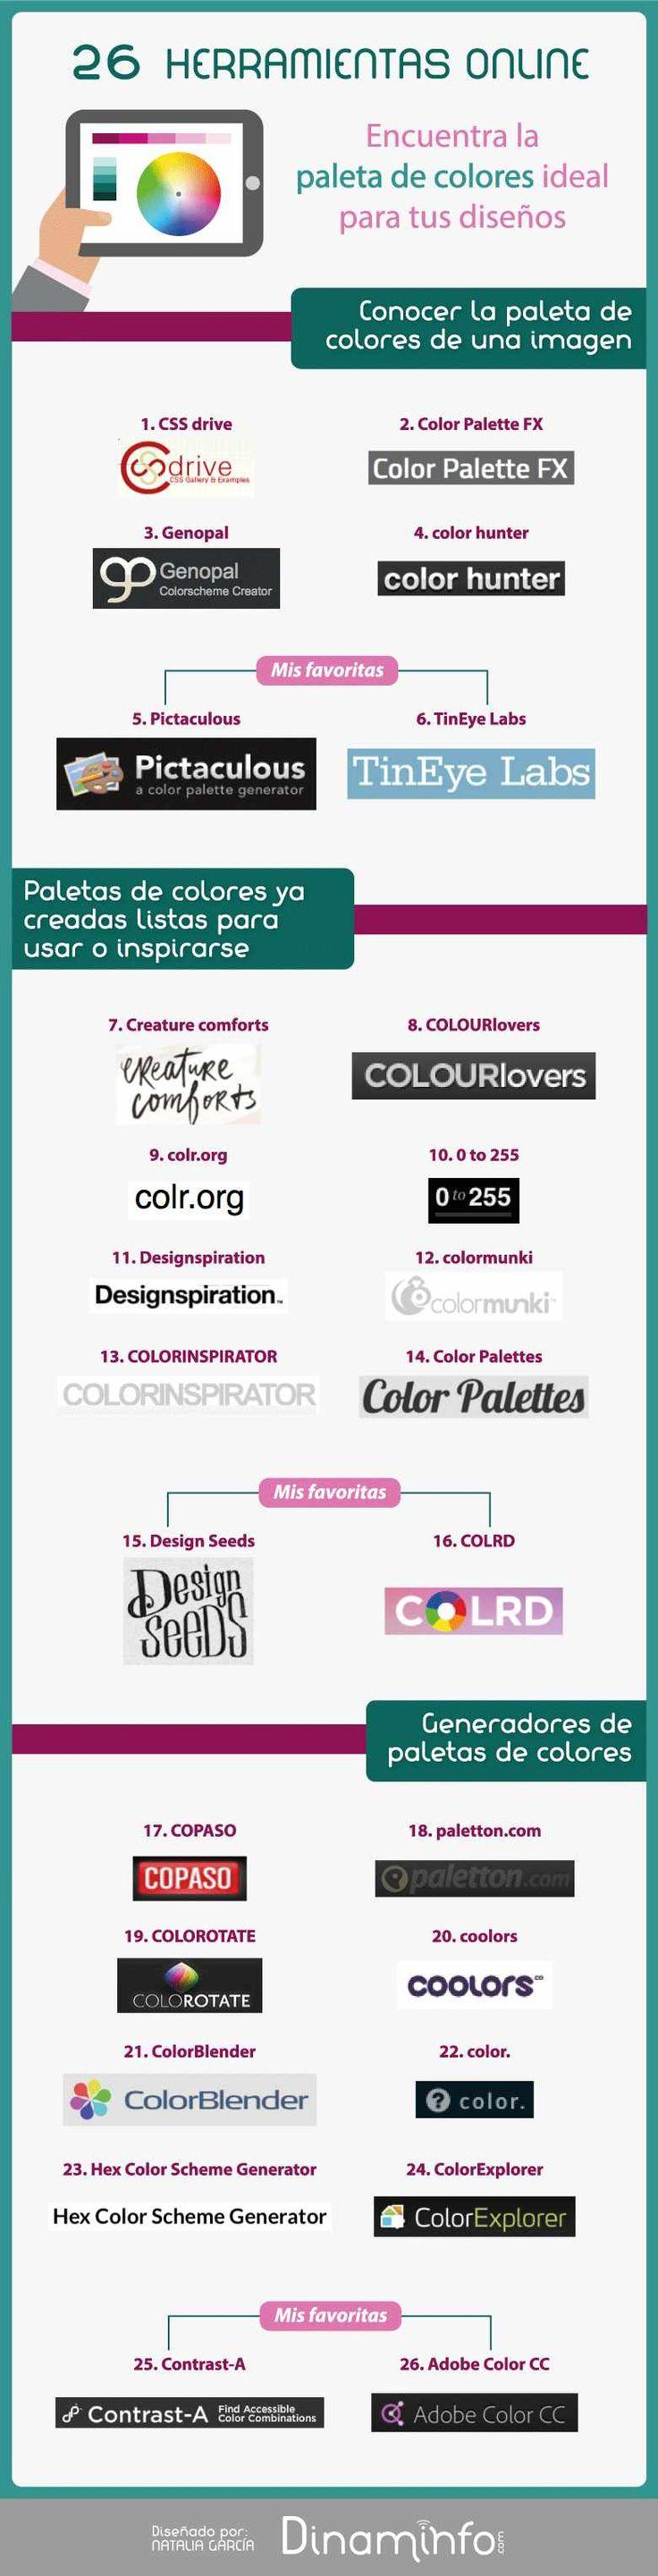 26 herramientas online: encuentra la paleta de colores ideal para tus diseños. Infografía en español. #CommunityManager